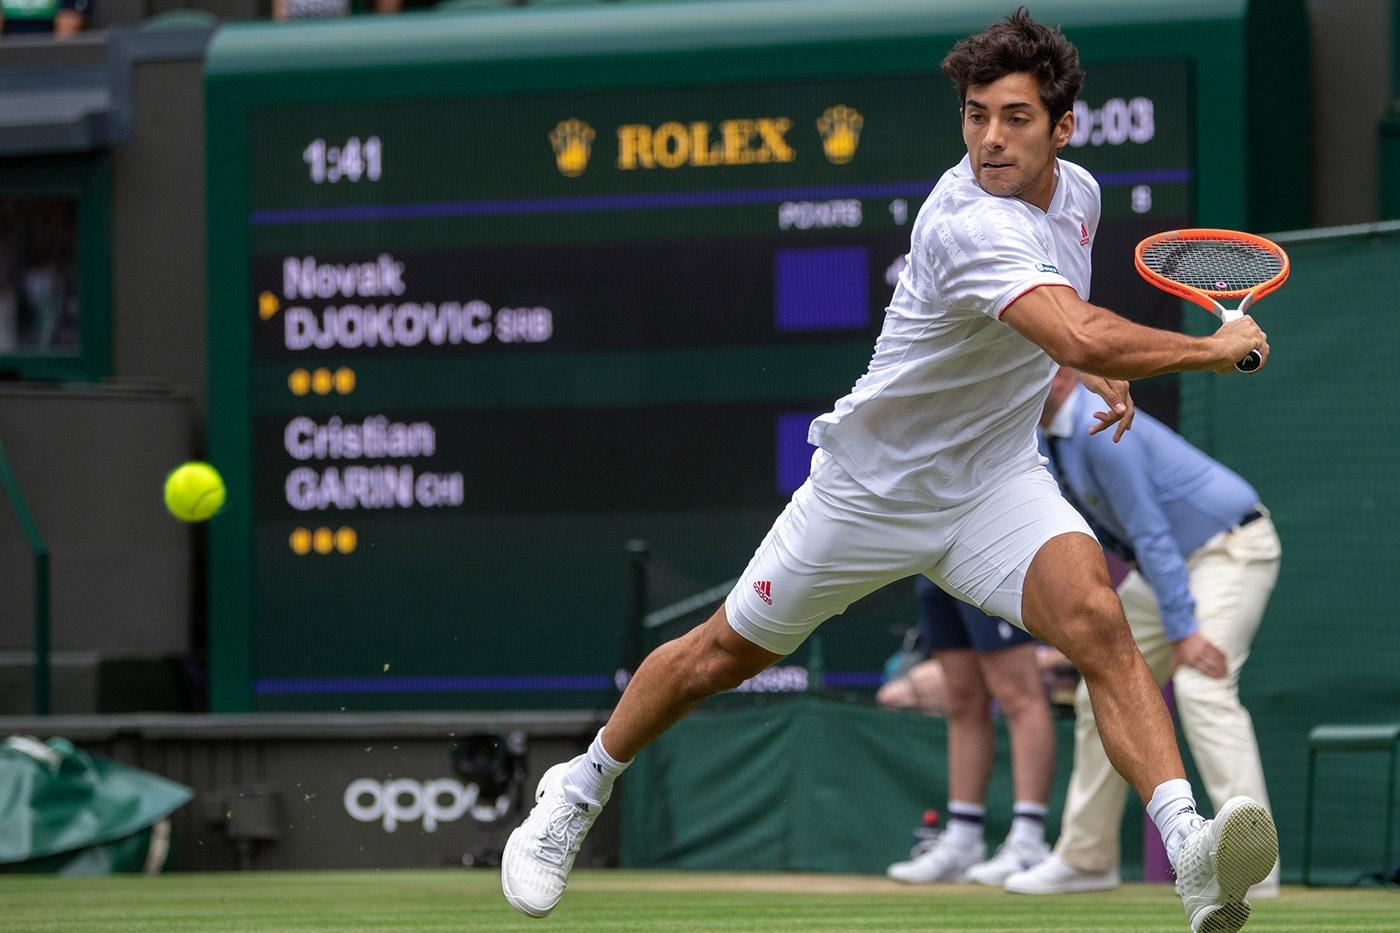 Garín no pudo con Djokovic y se despide de Wimbledon   Infogate